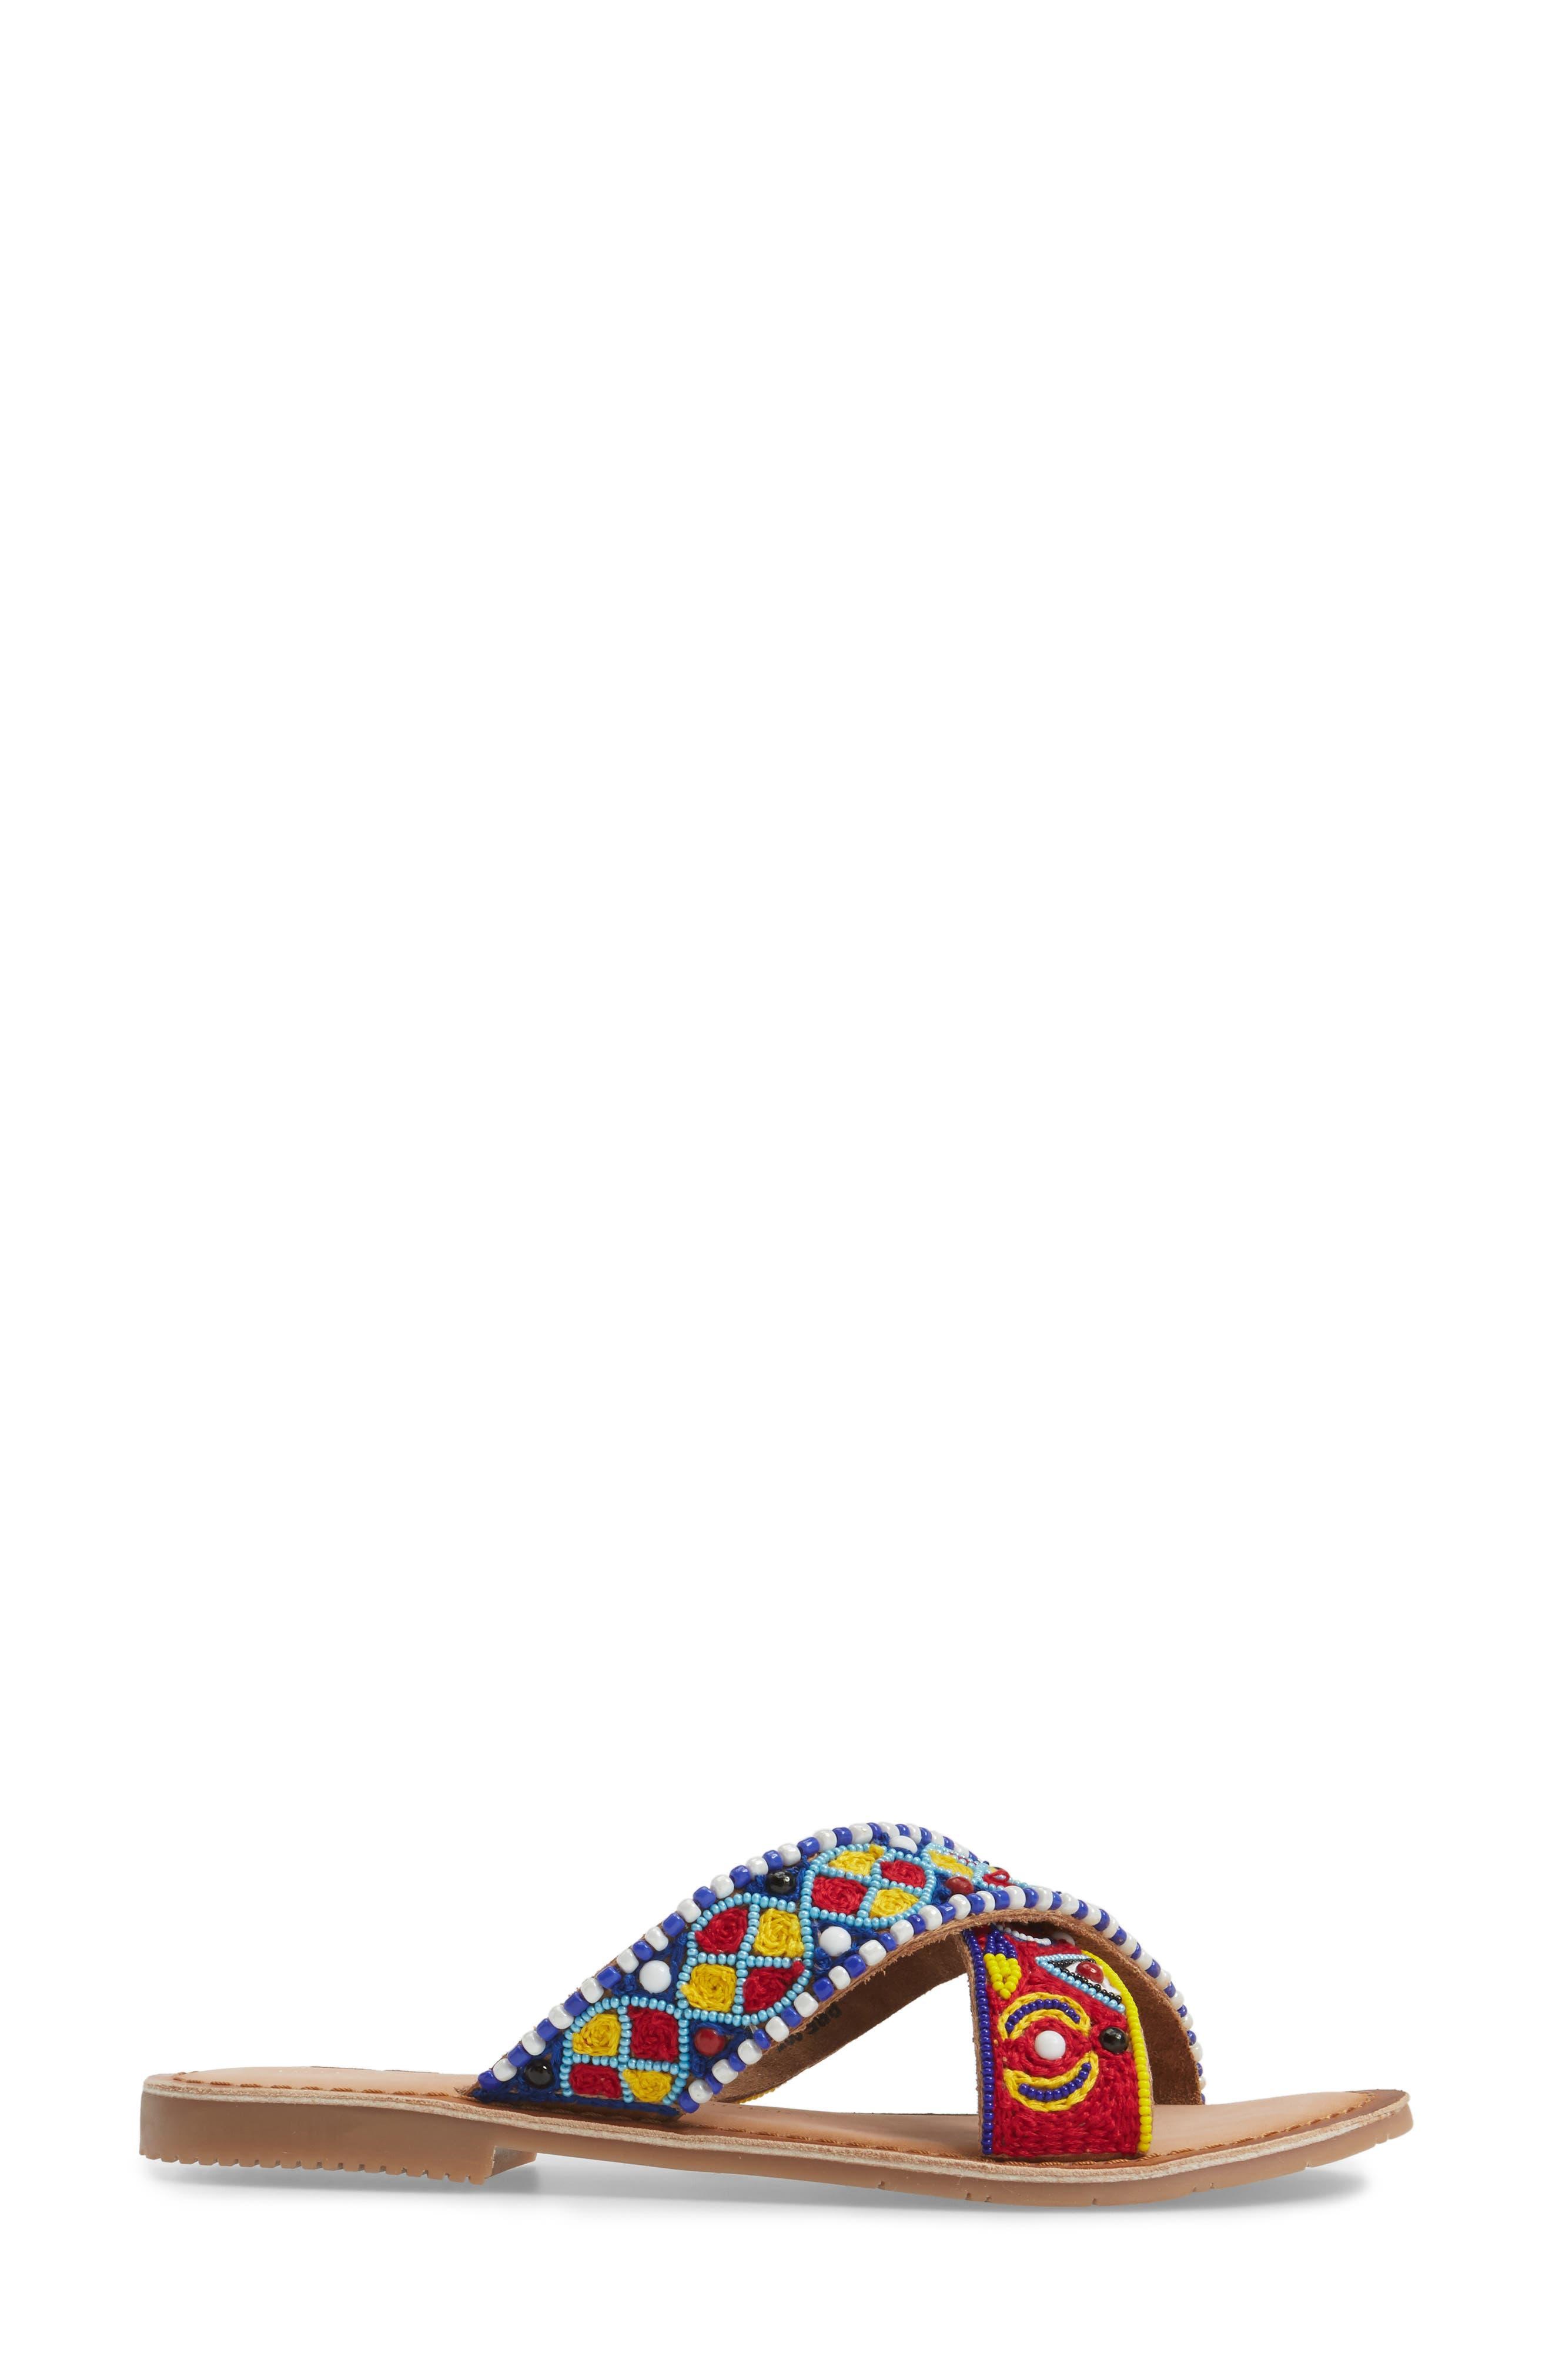 Purfect Slide Sandal,                             Alternate thumbnail 3, color,                             Cognac